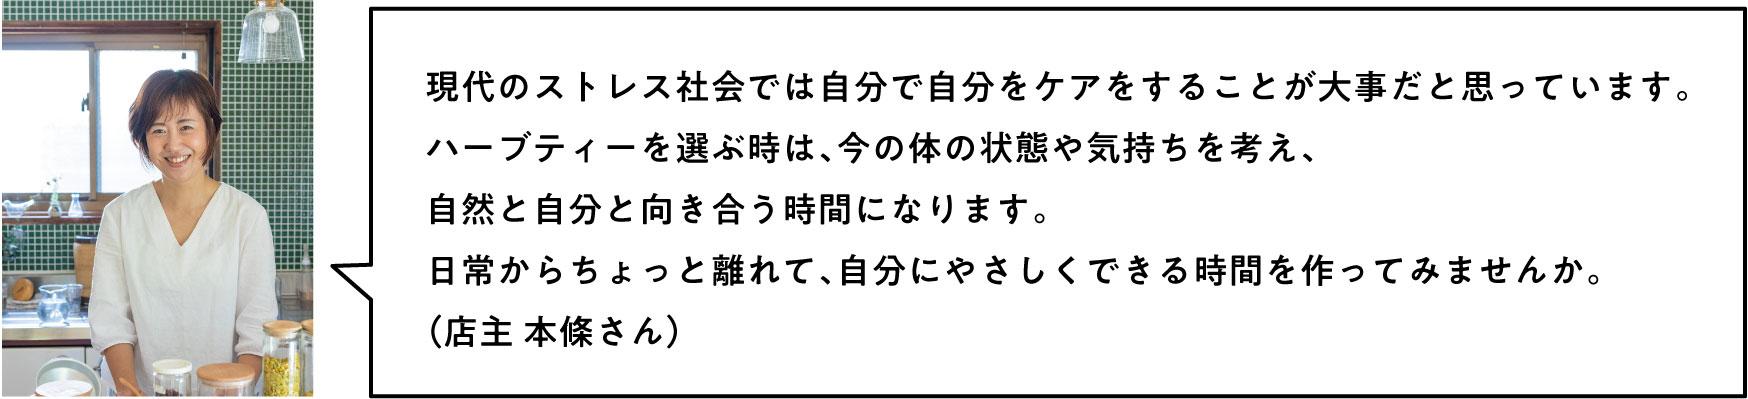 kenkou11